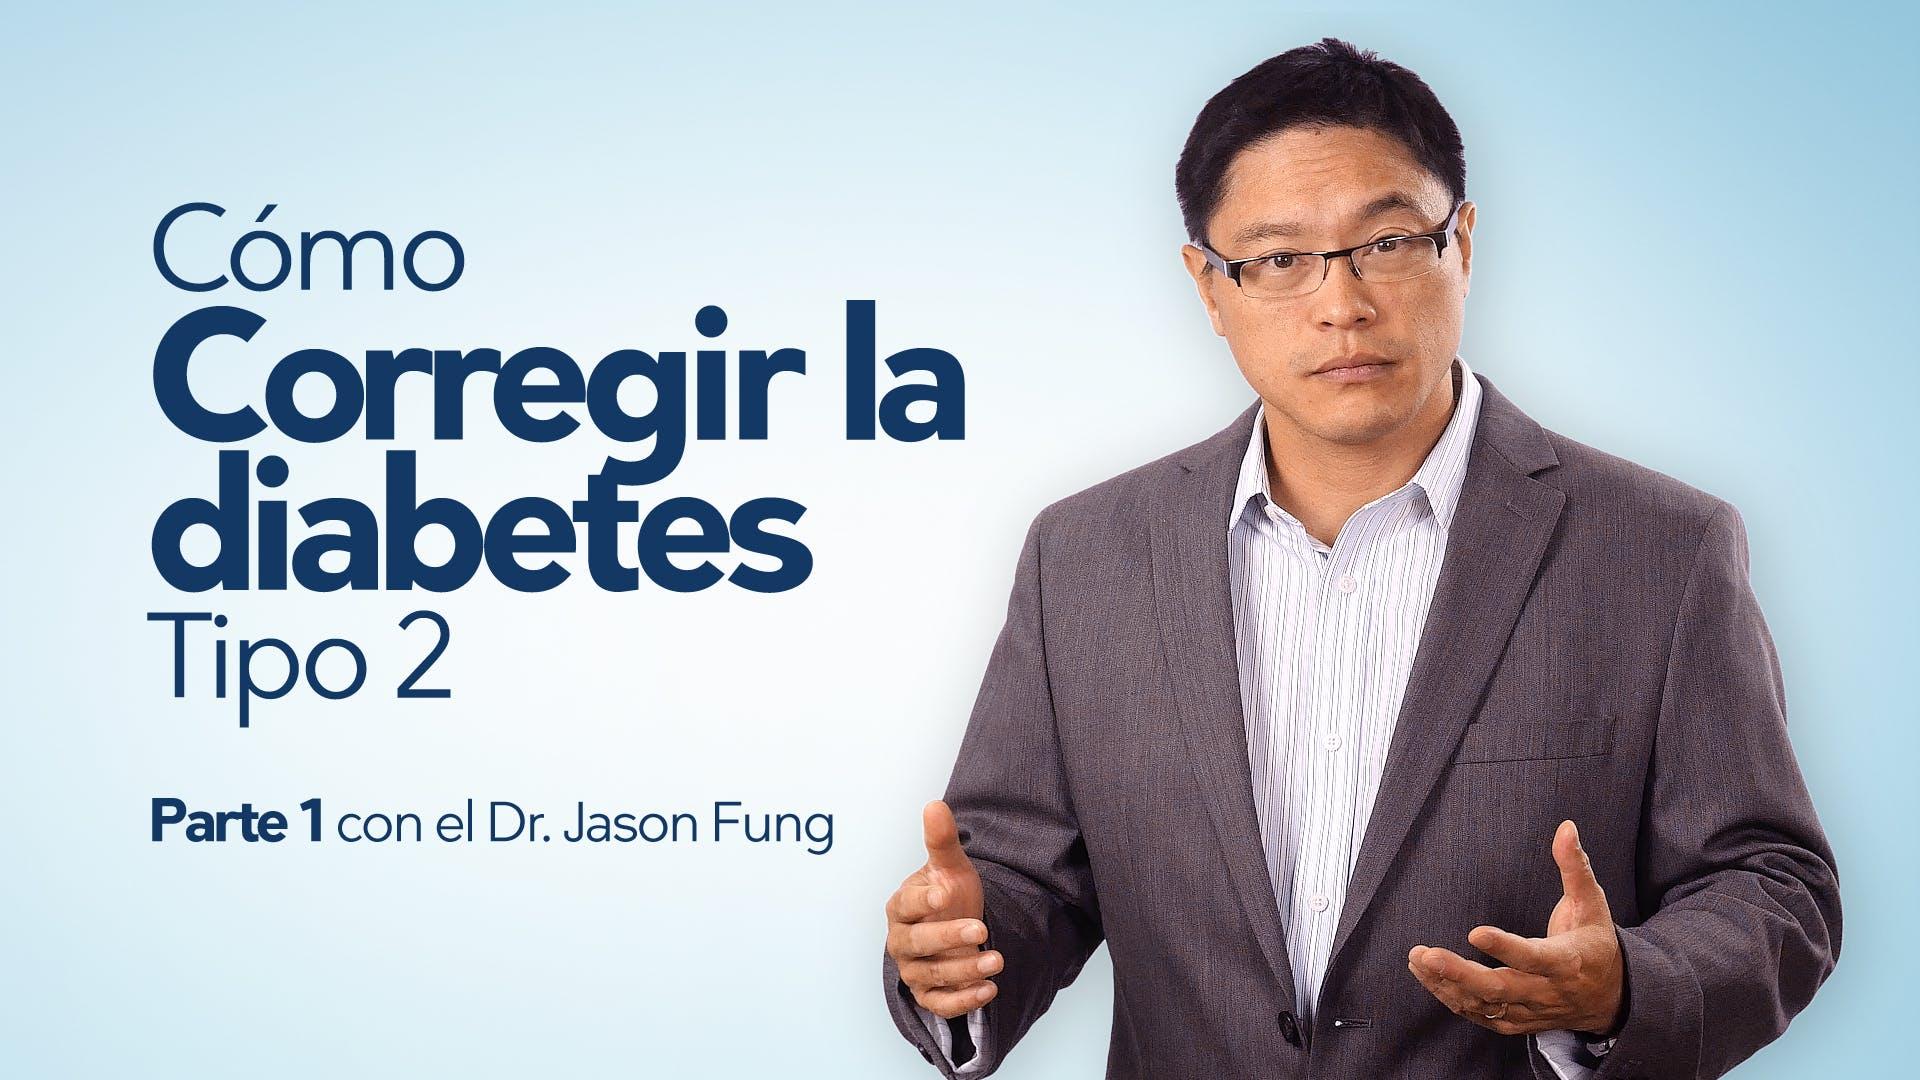 Cómo corregir la diabetes